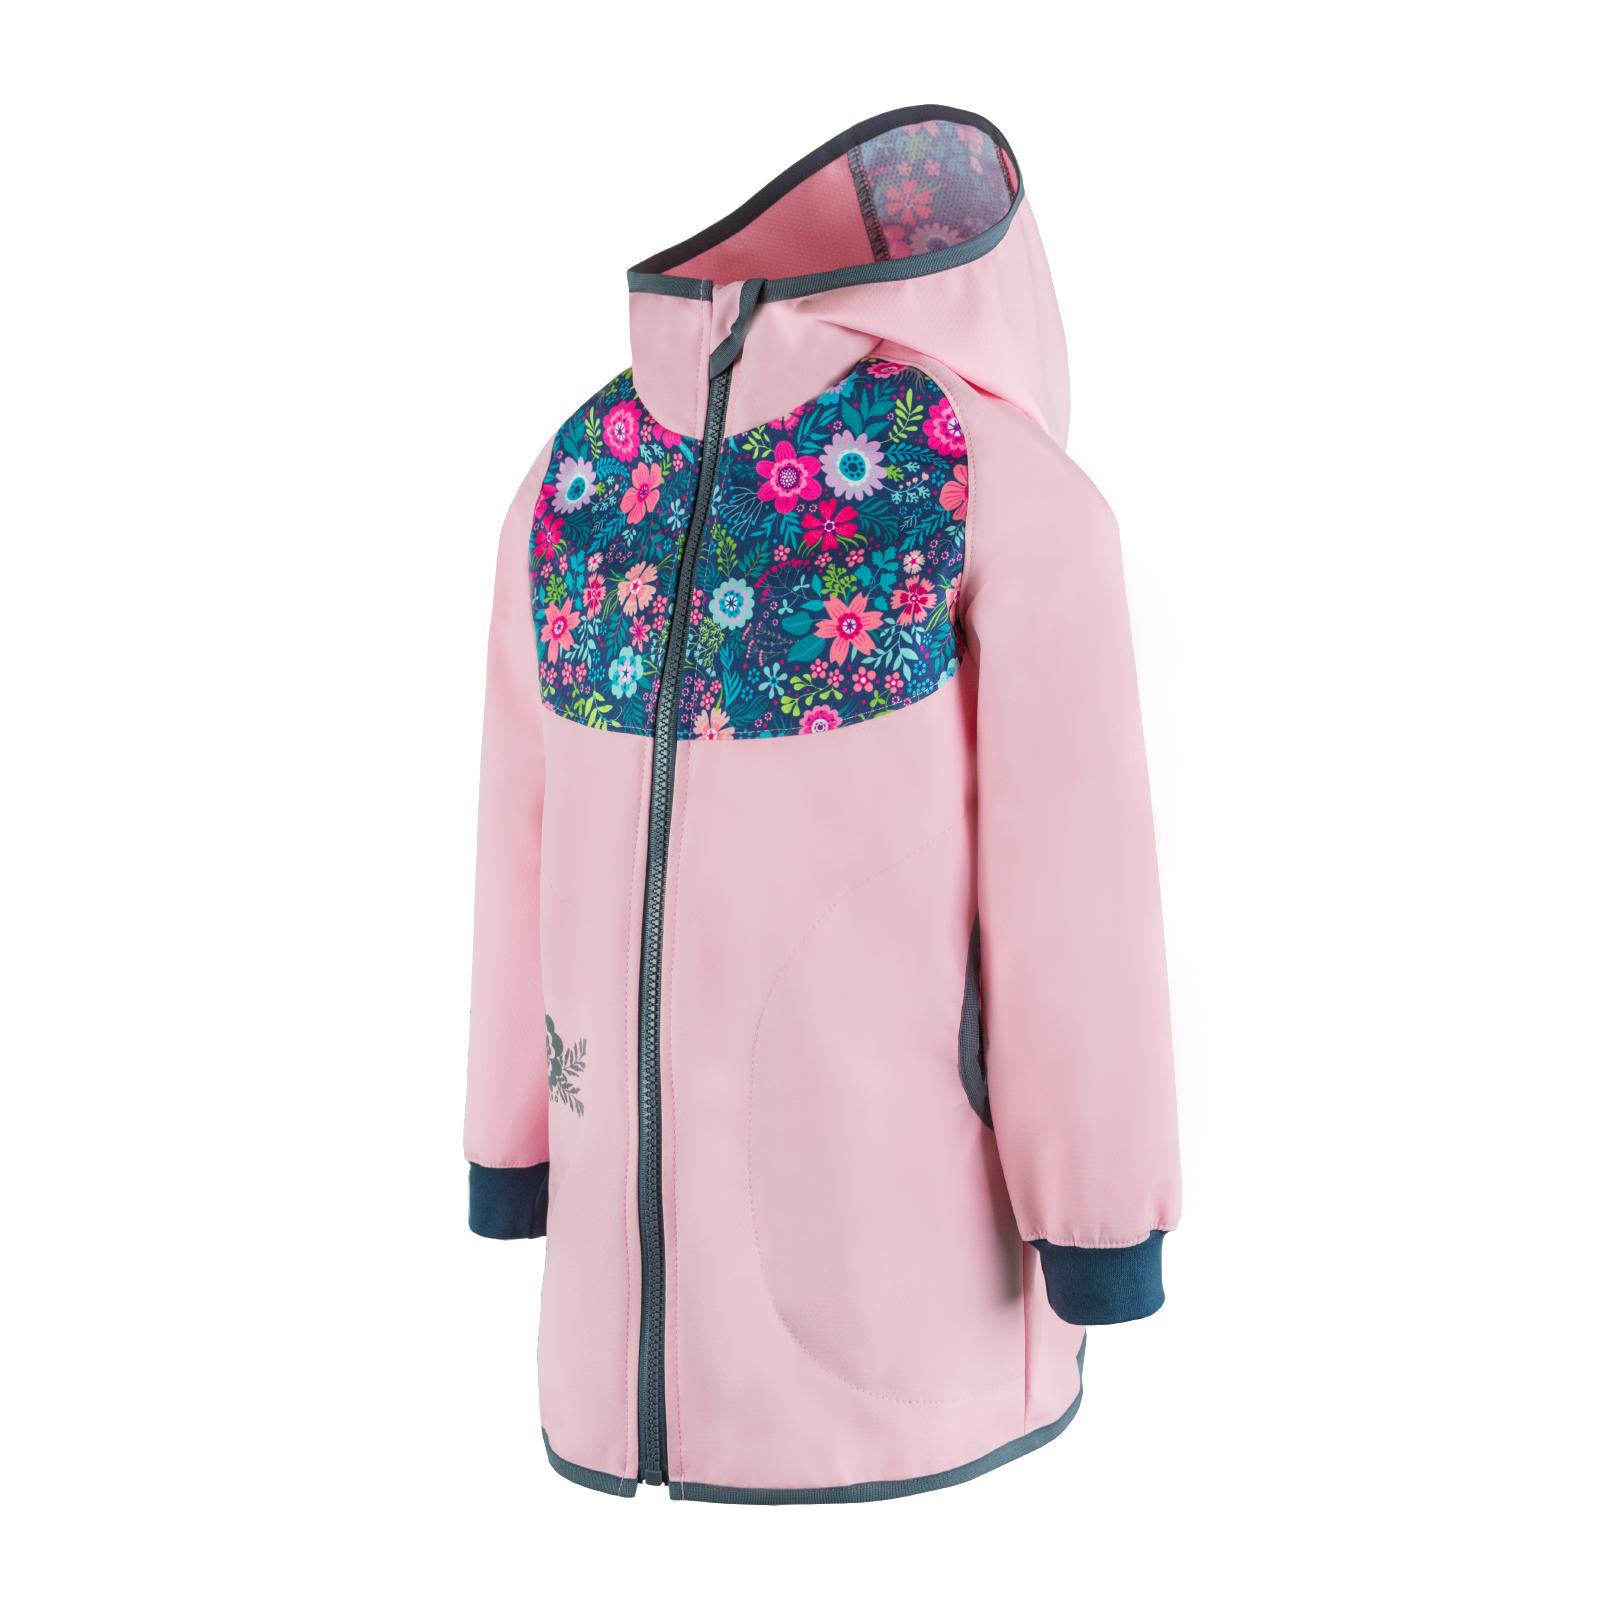 unuo Softshellový kabátek bez zateplení Květinky, Sv. růžová (Unuo softshell spring coat prin